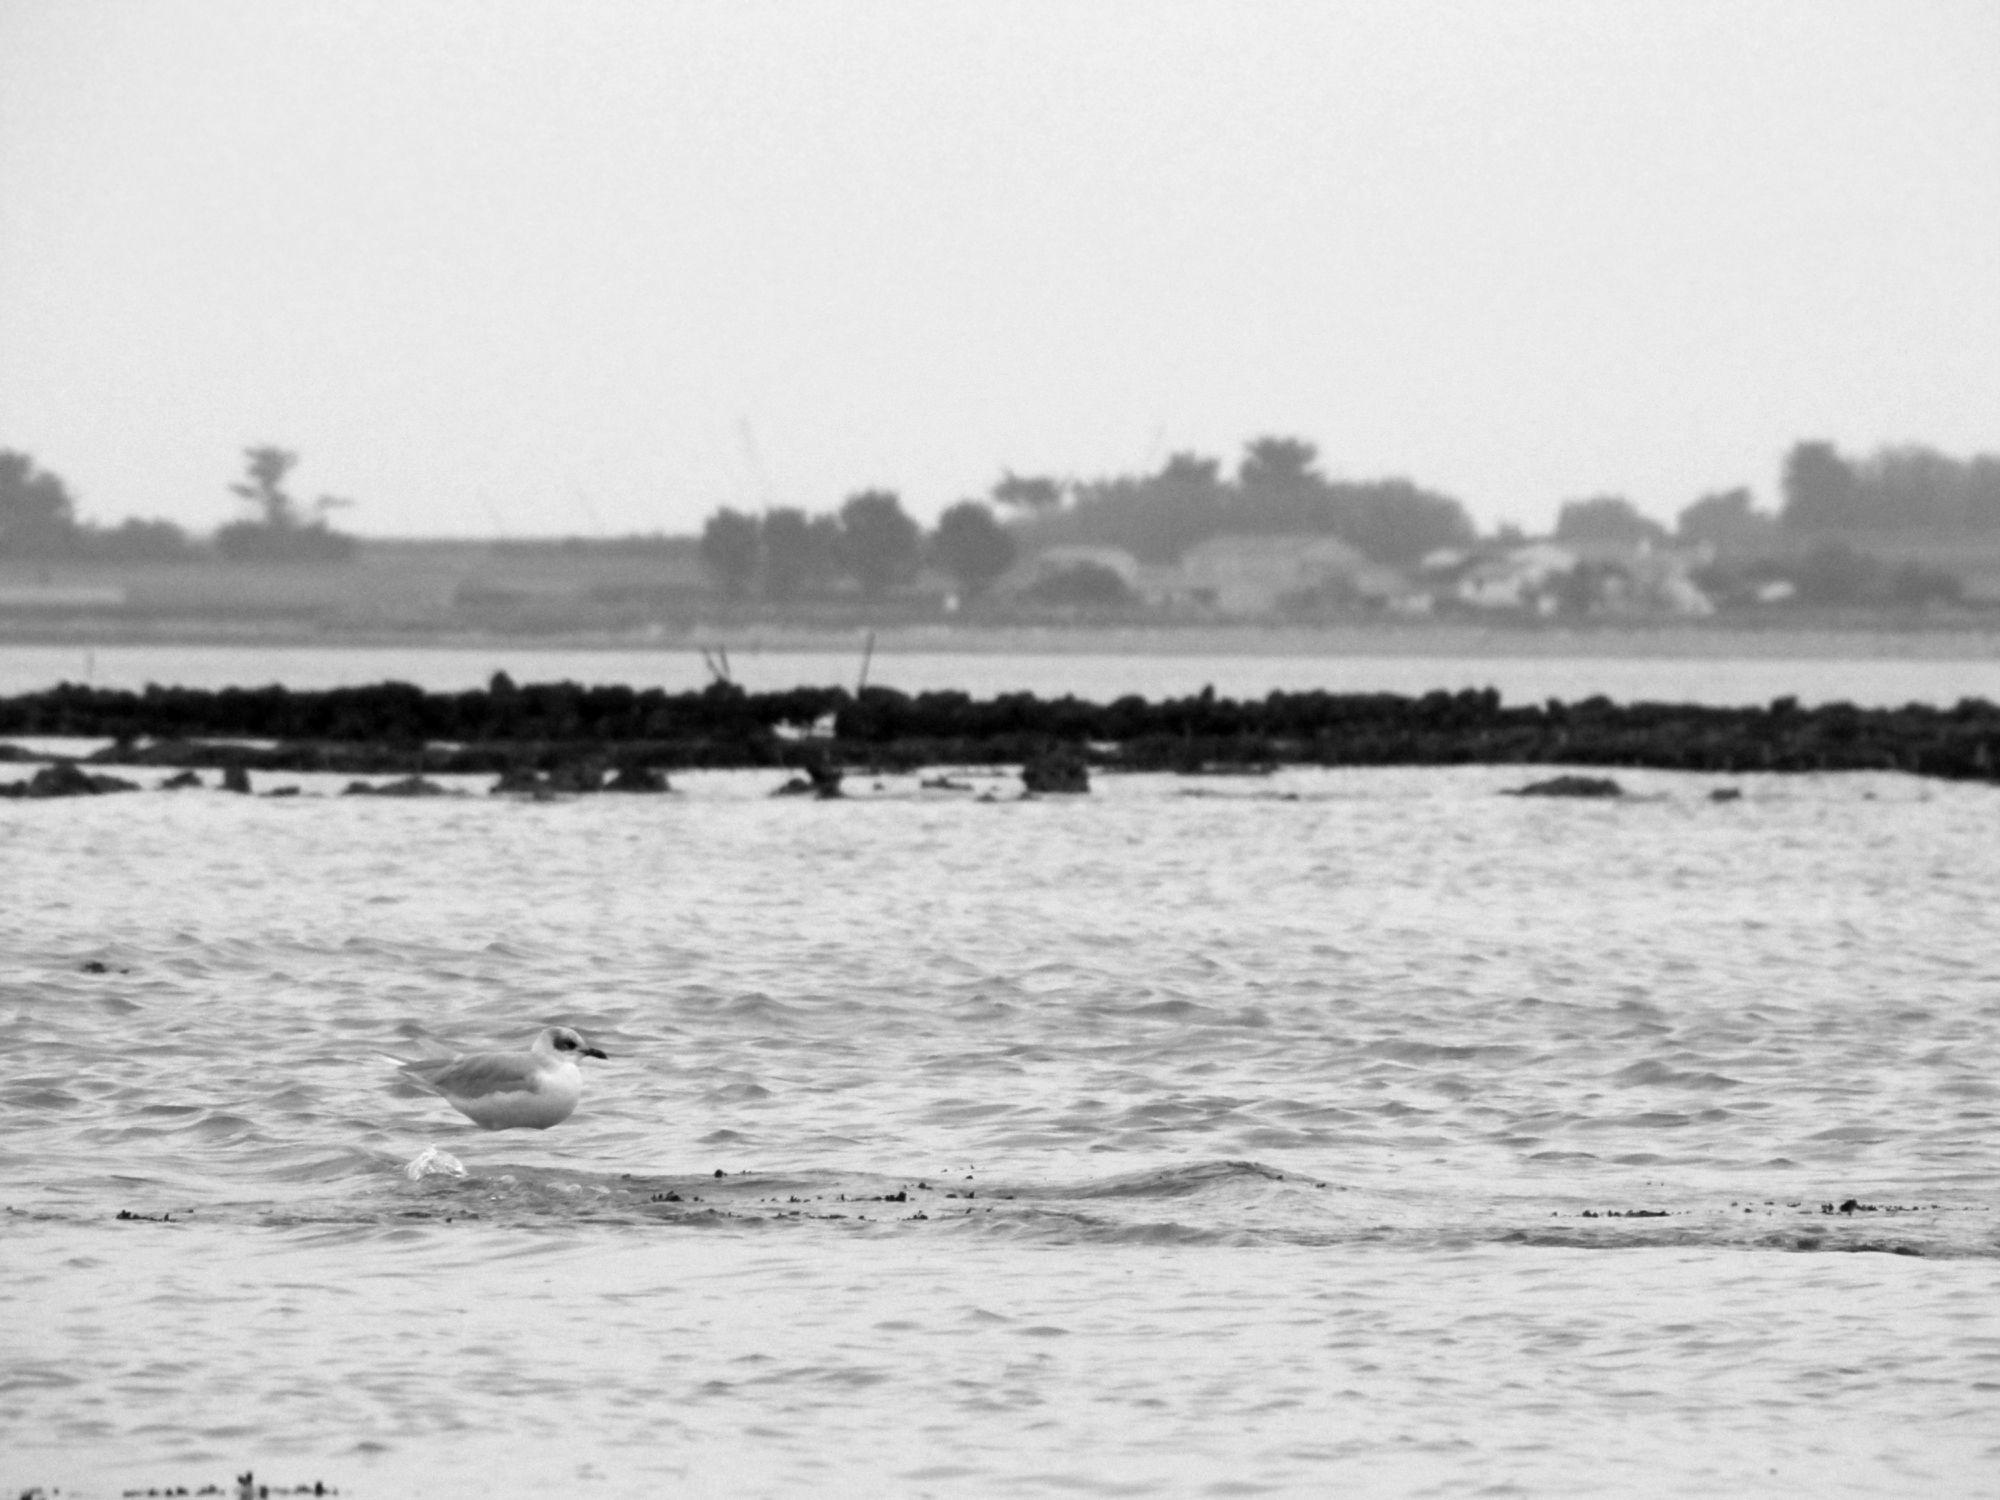 Oiseaux ile de re foto Mo2 (41)-h1500